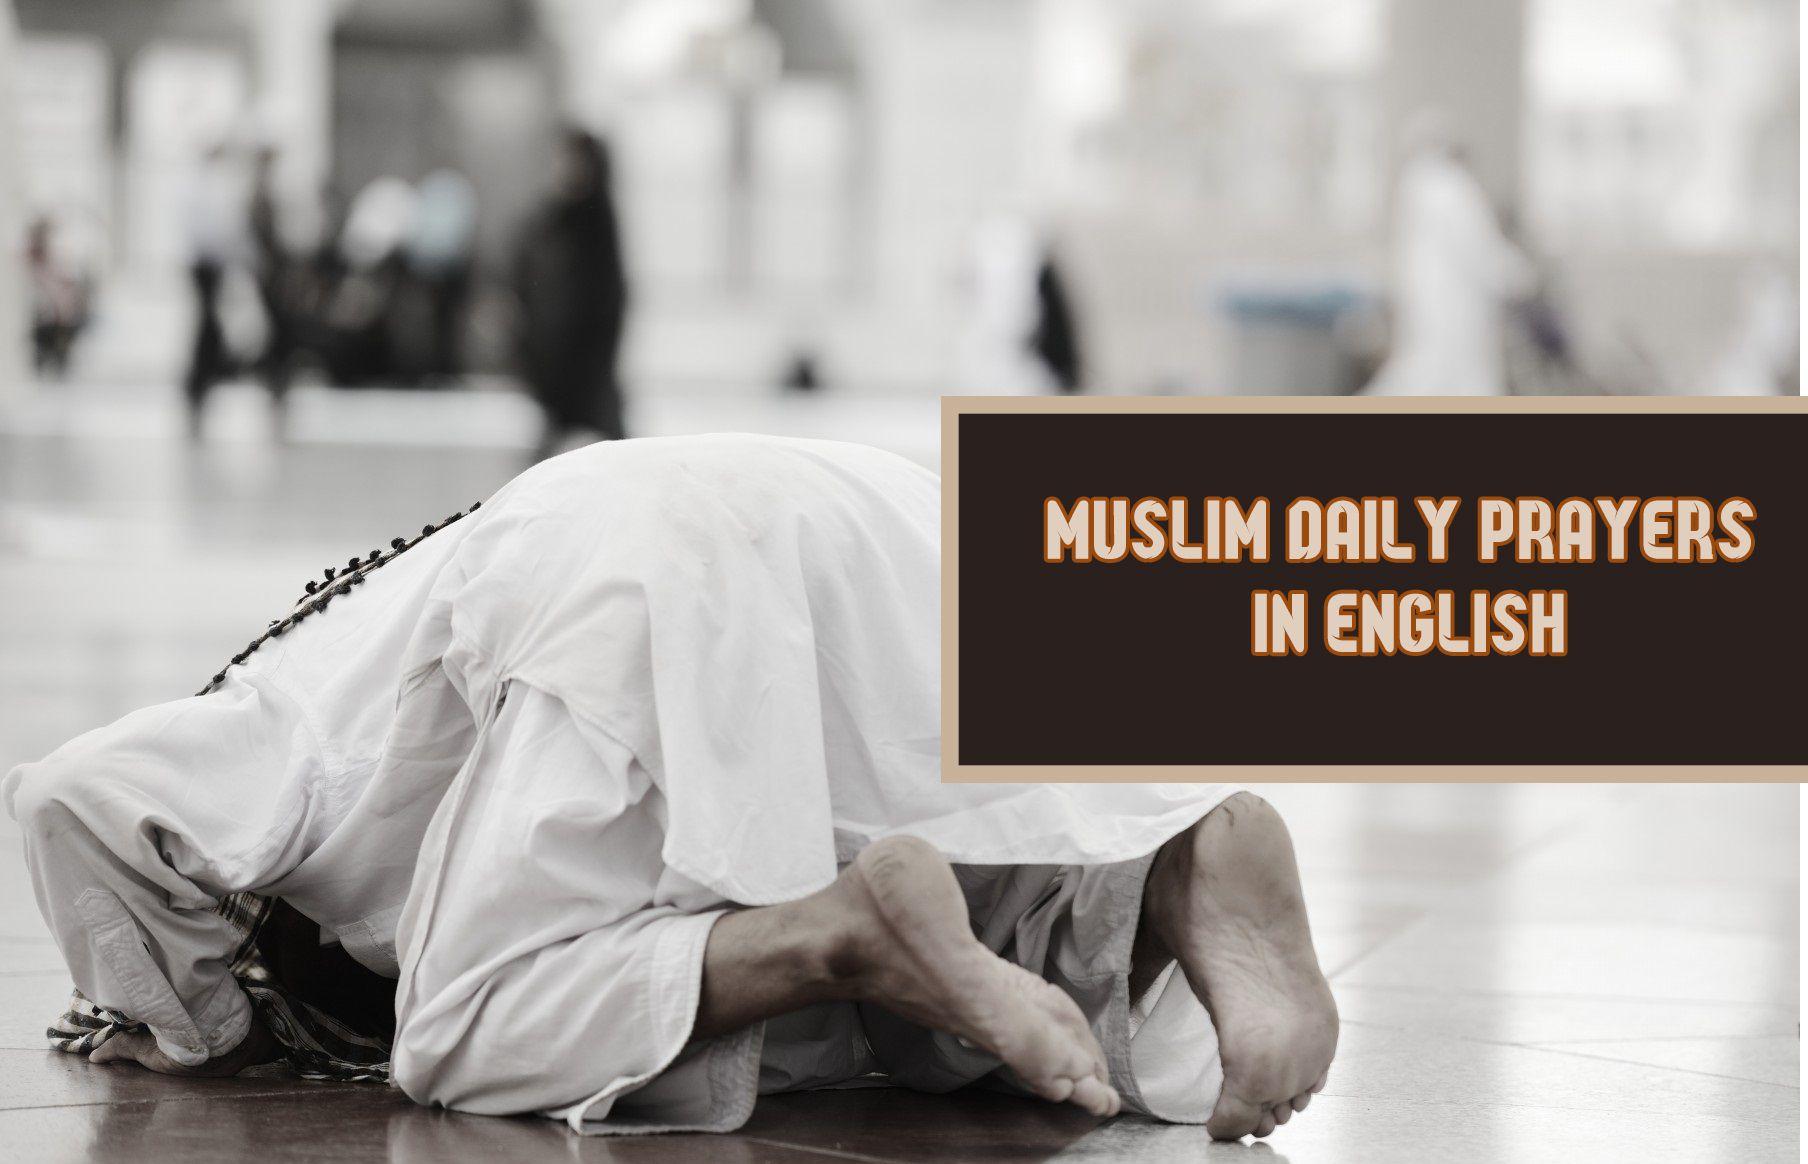 Muslim Daily Prayers